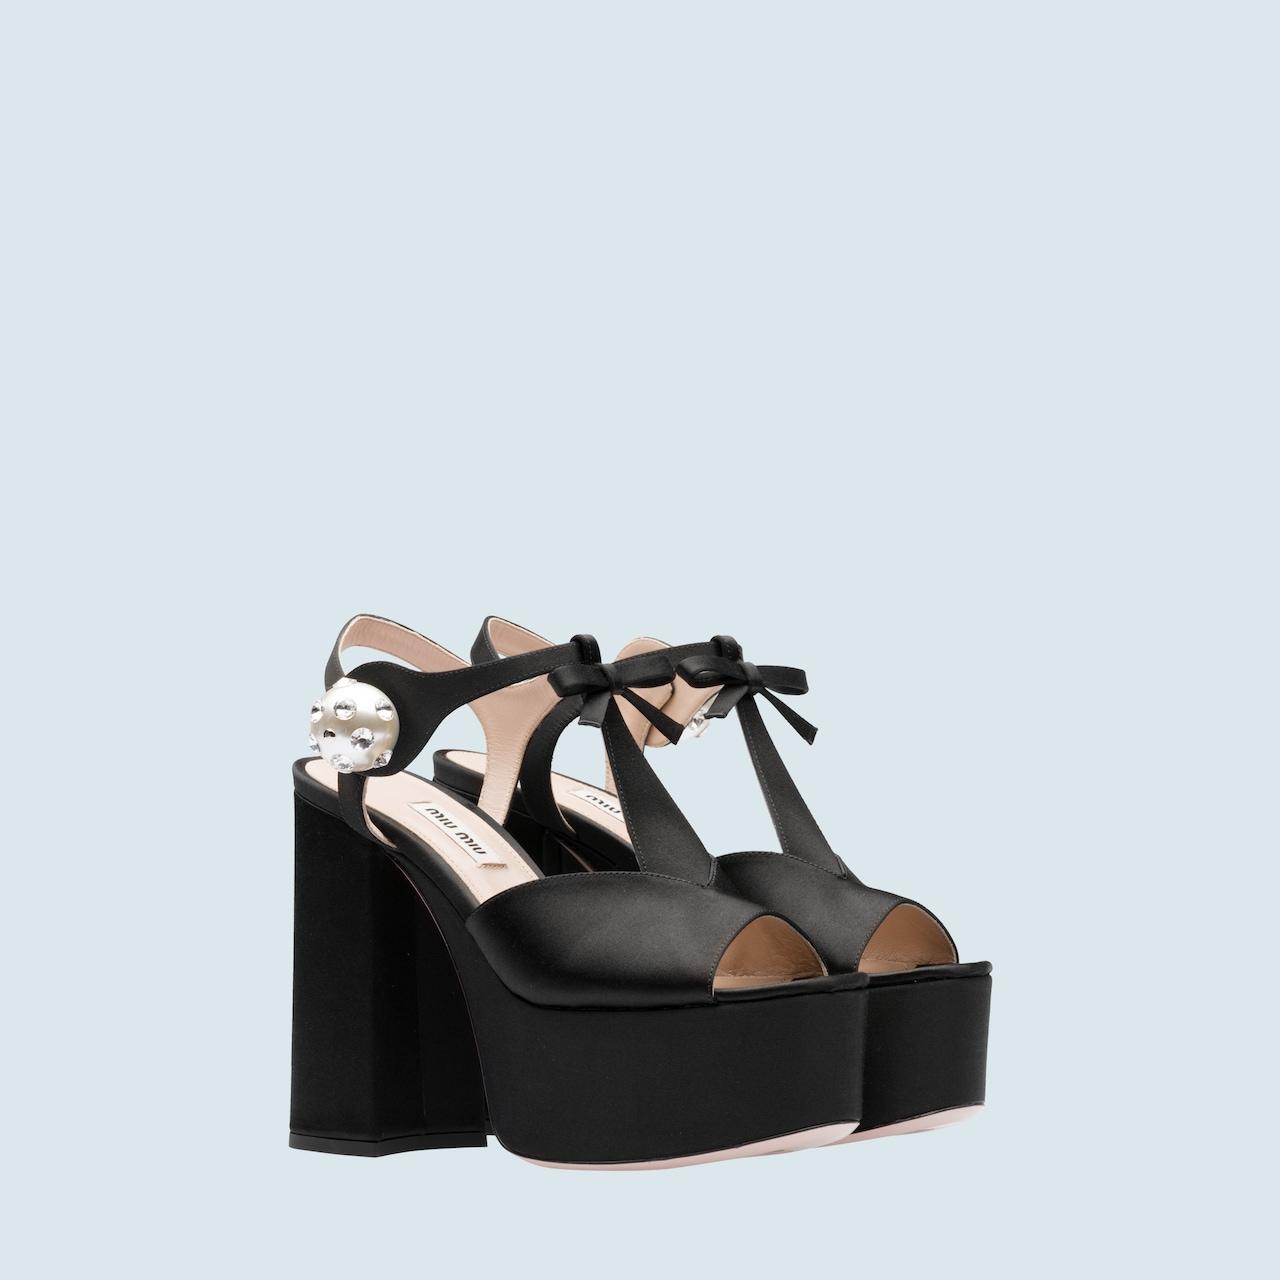 eab3ee46174 Satin platform sandals